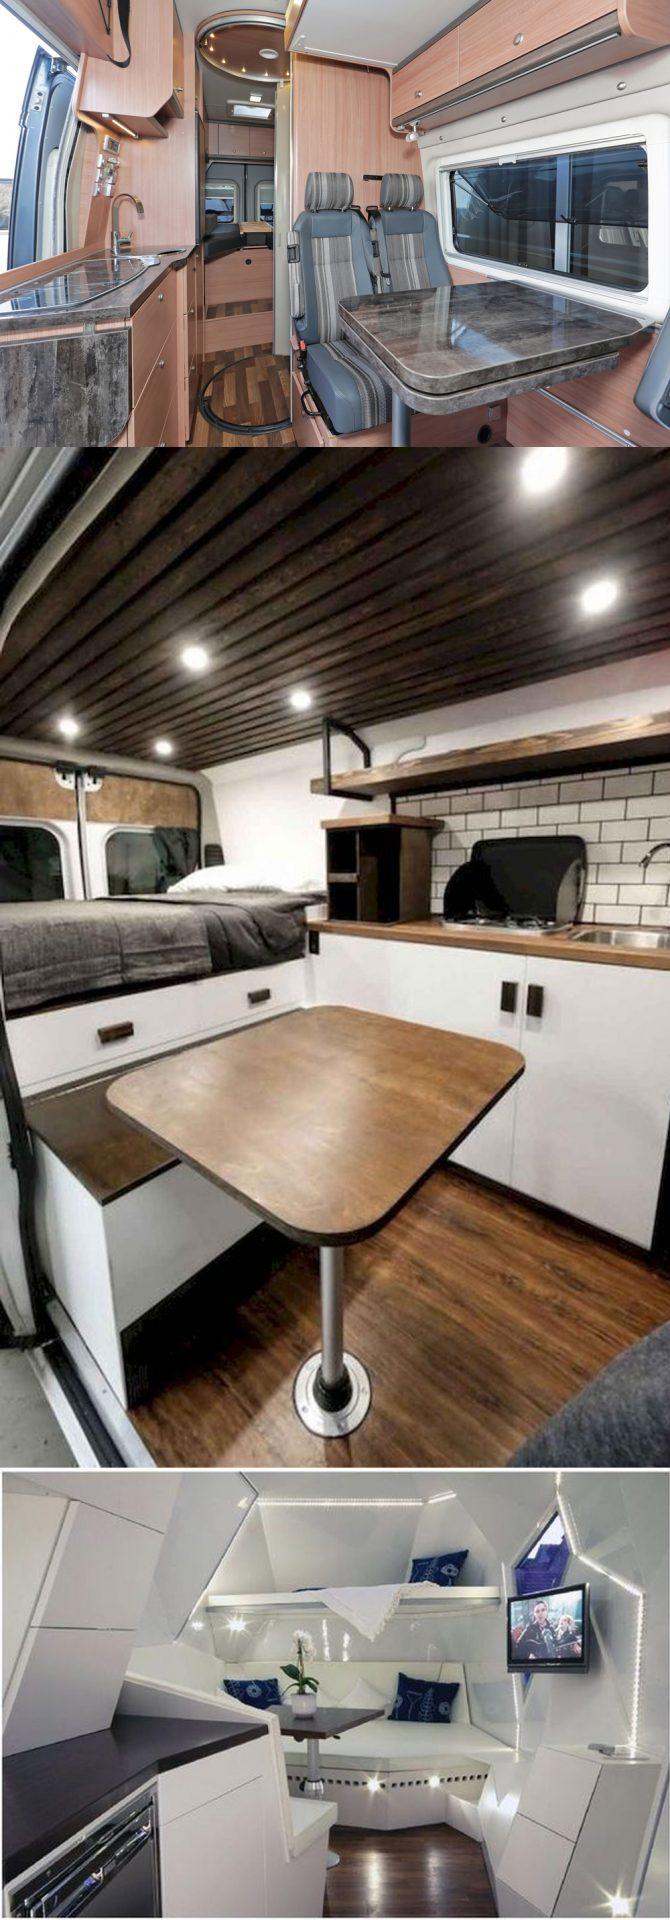 rv interior cabinets